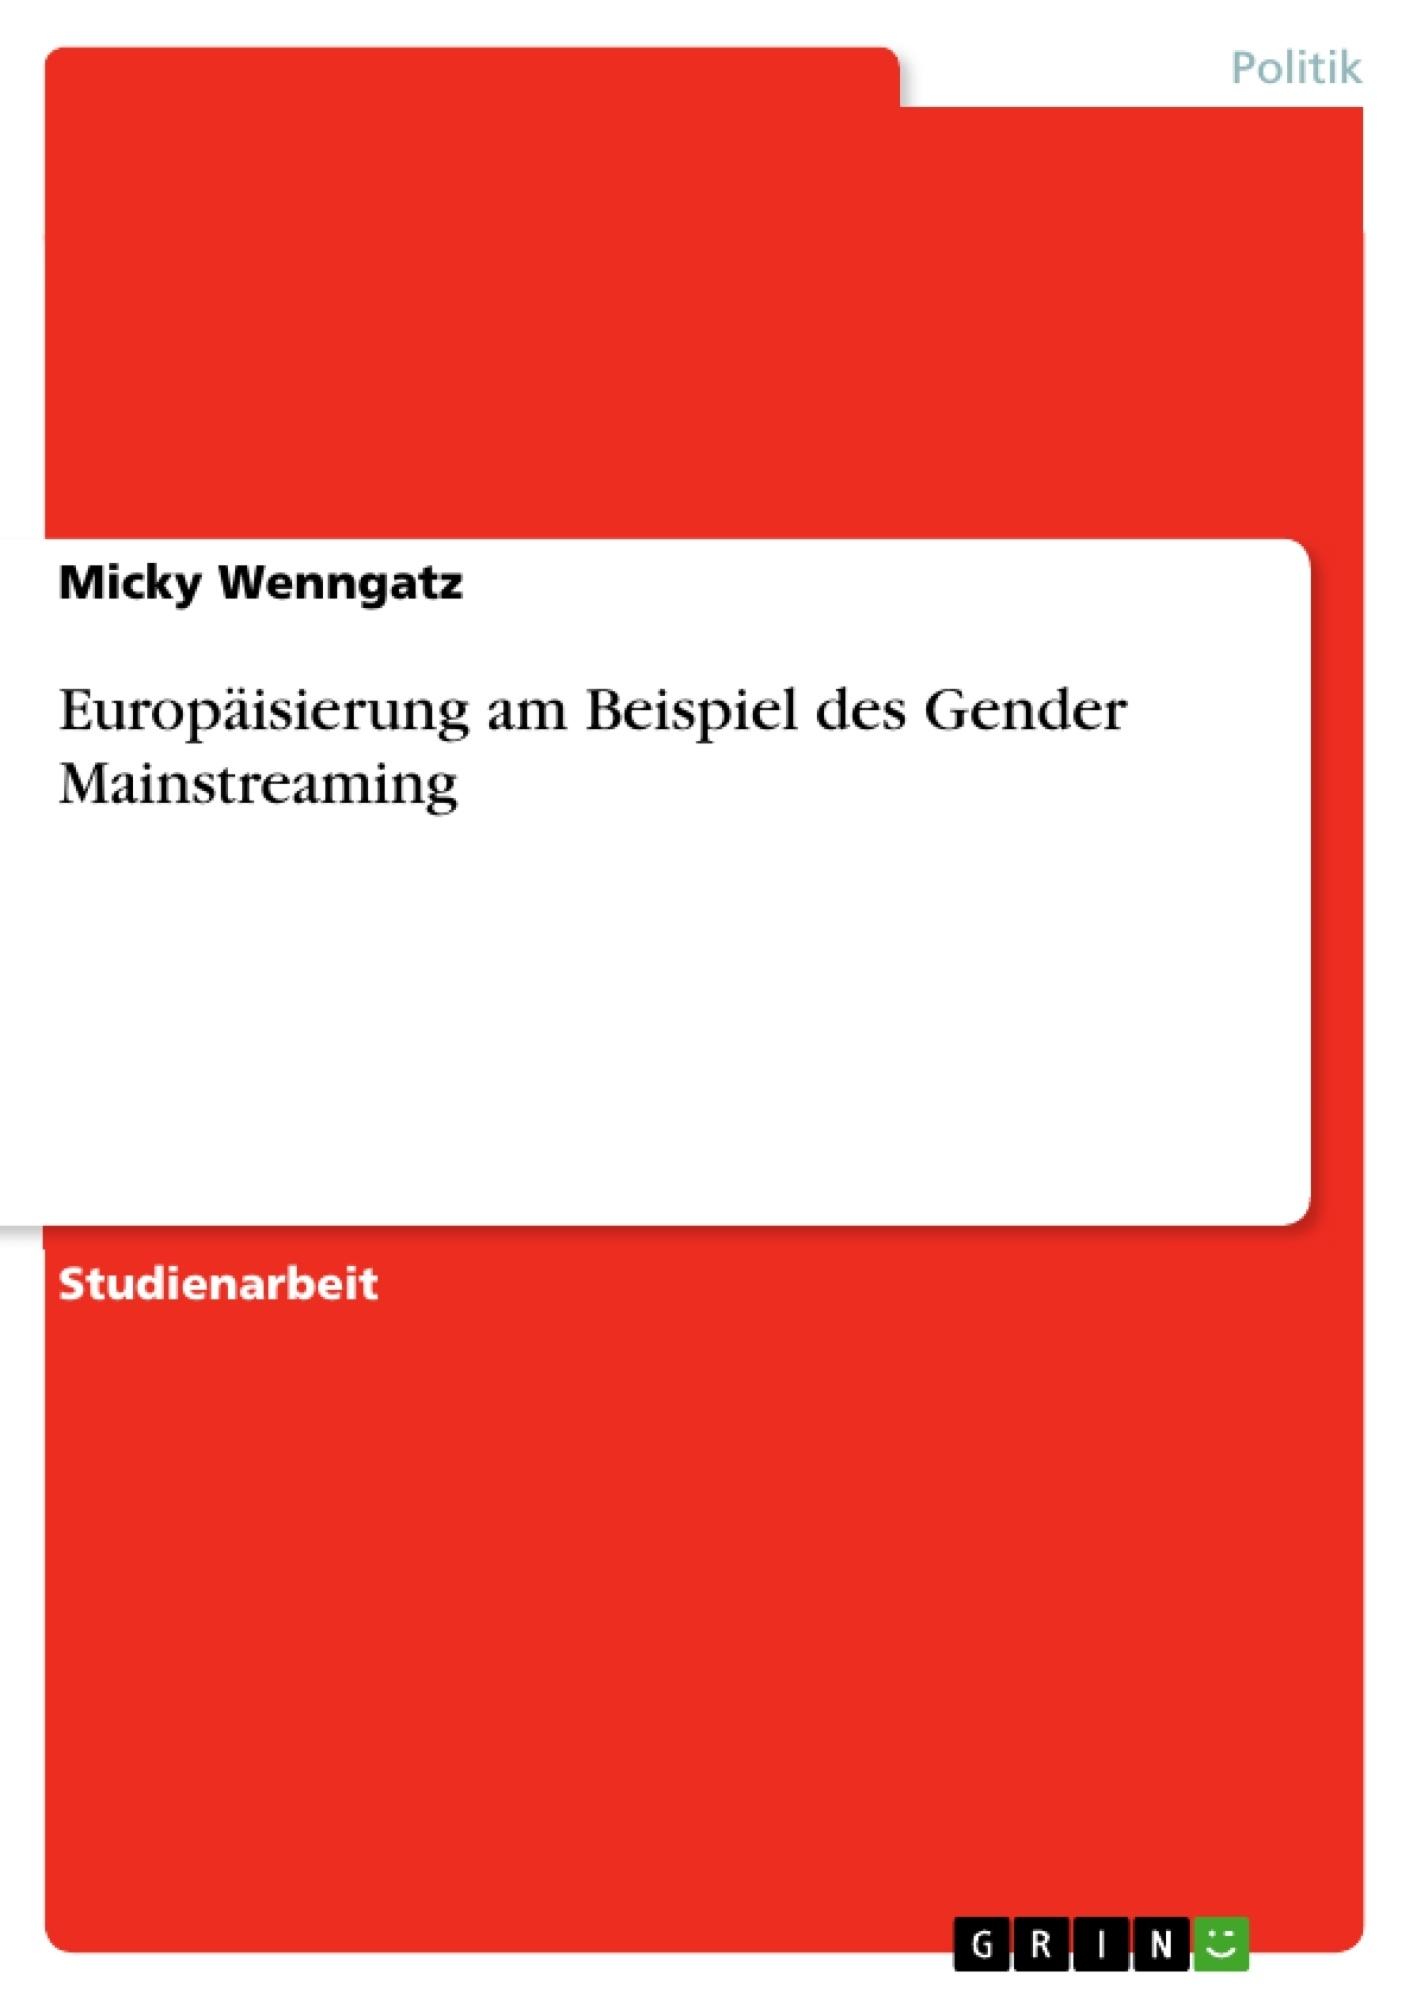 Titel: Europäisierung am Beispiel des Gender Mainstreaming